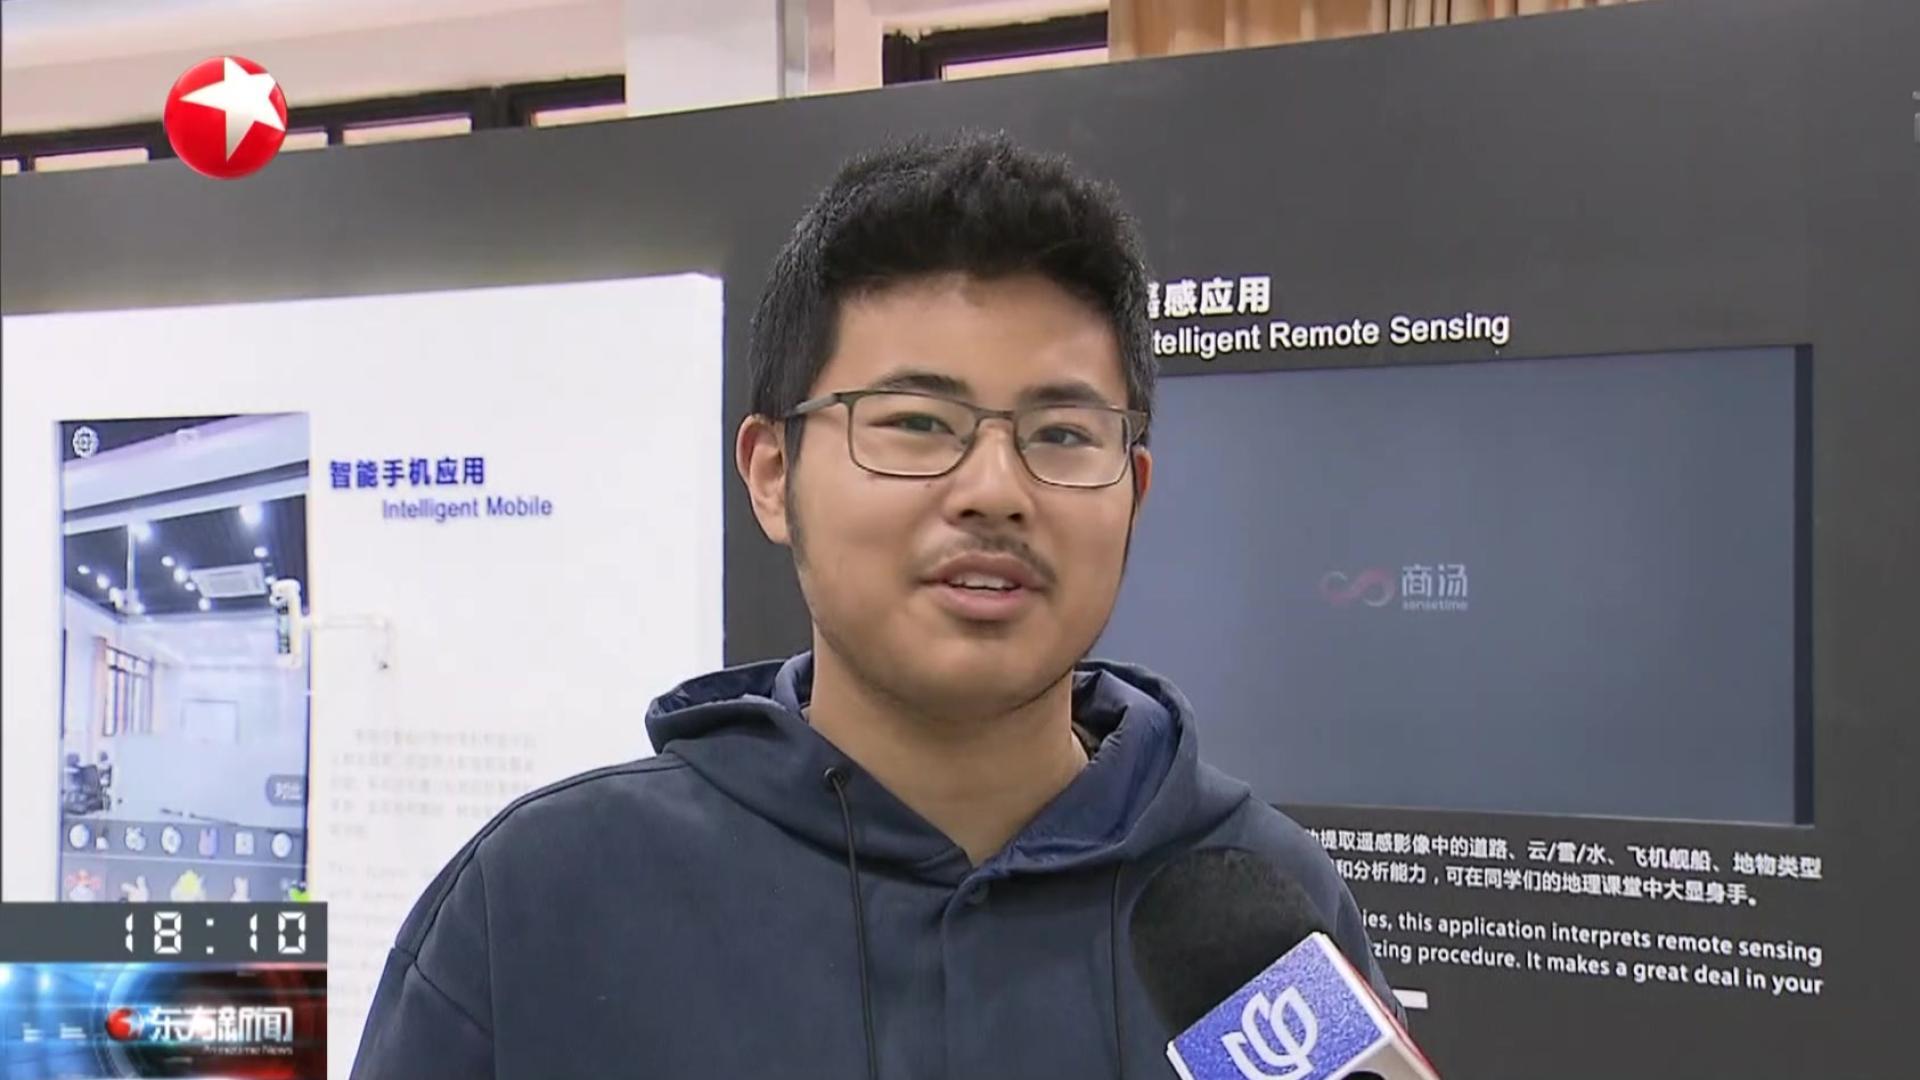 上海:深入拓展应用场景  推动人工智能为创新赋能